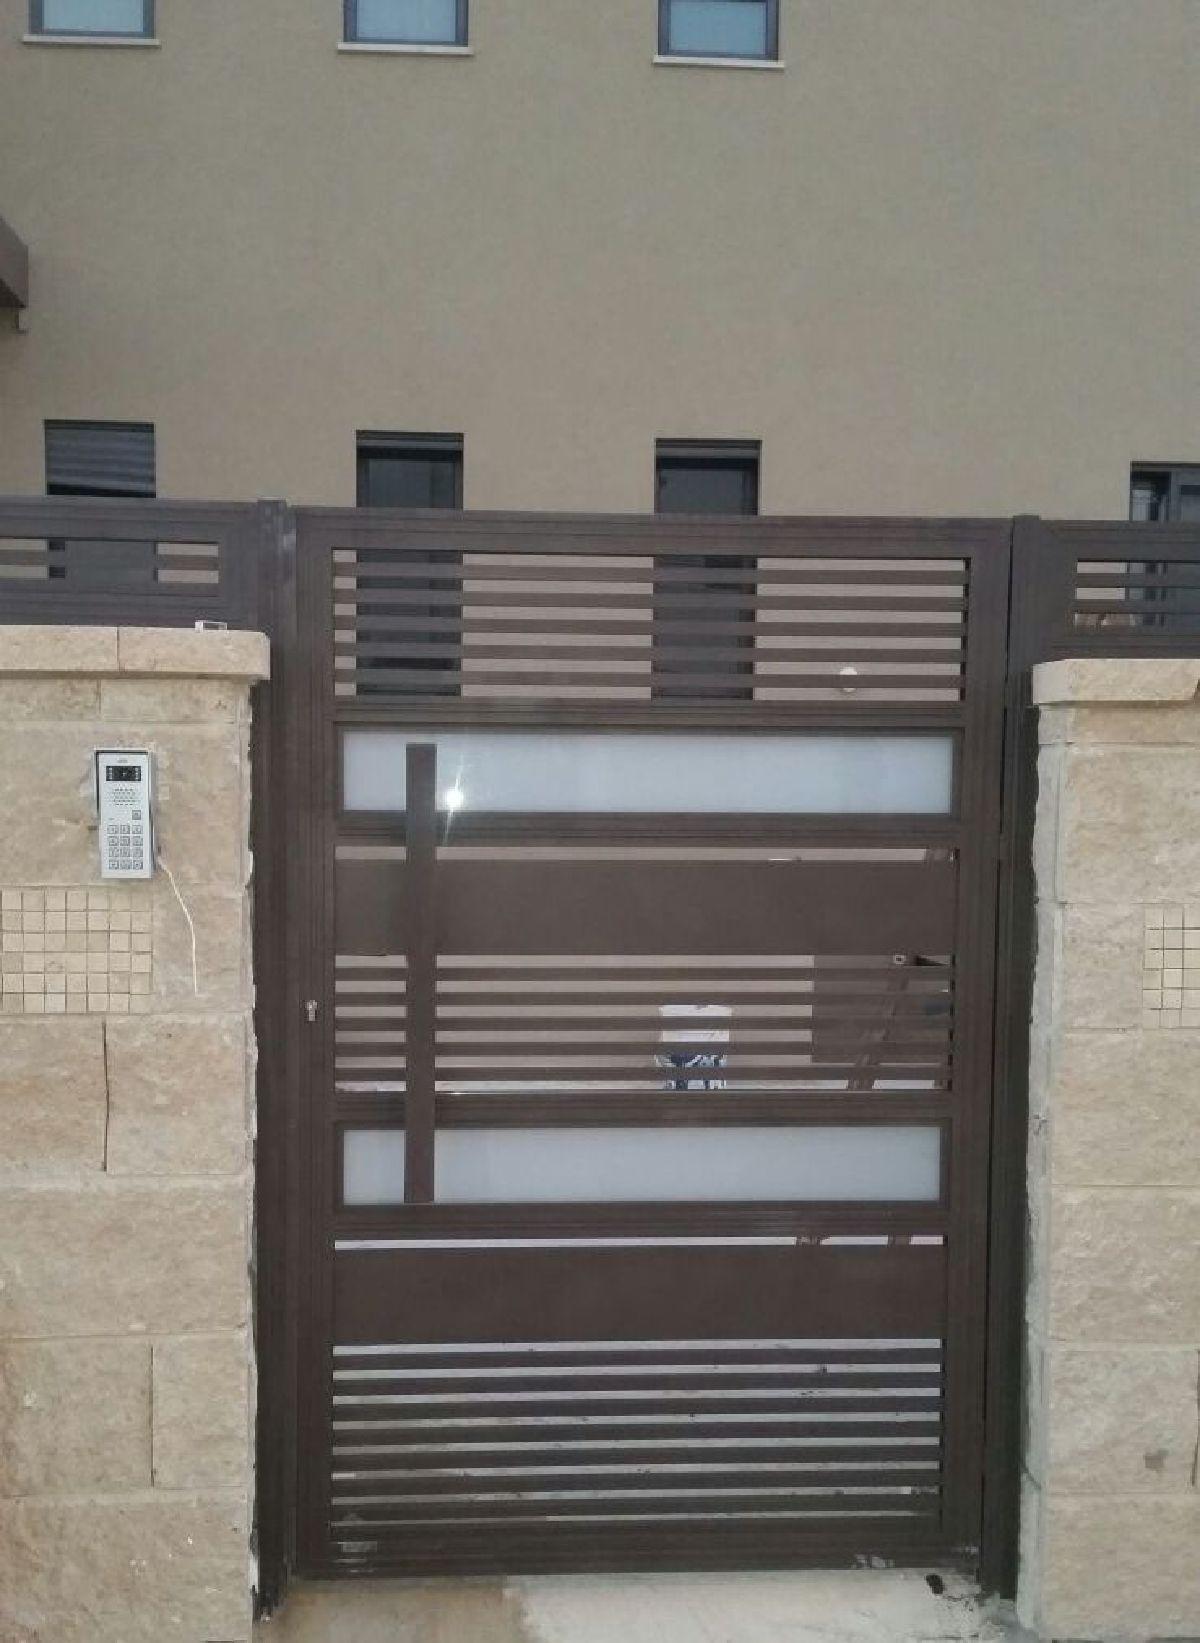 שערים - שערים  עם שילובי זכוכית - שער אלומיניום דגם הייטק